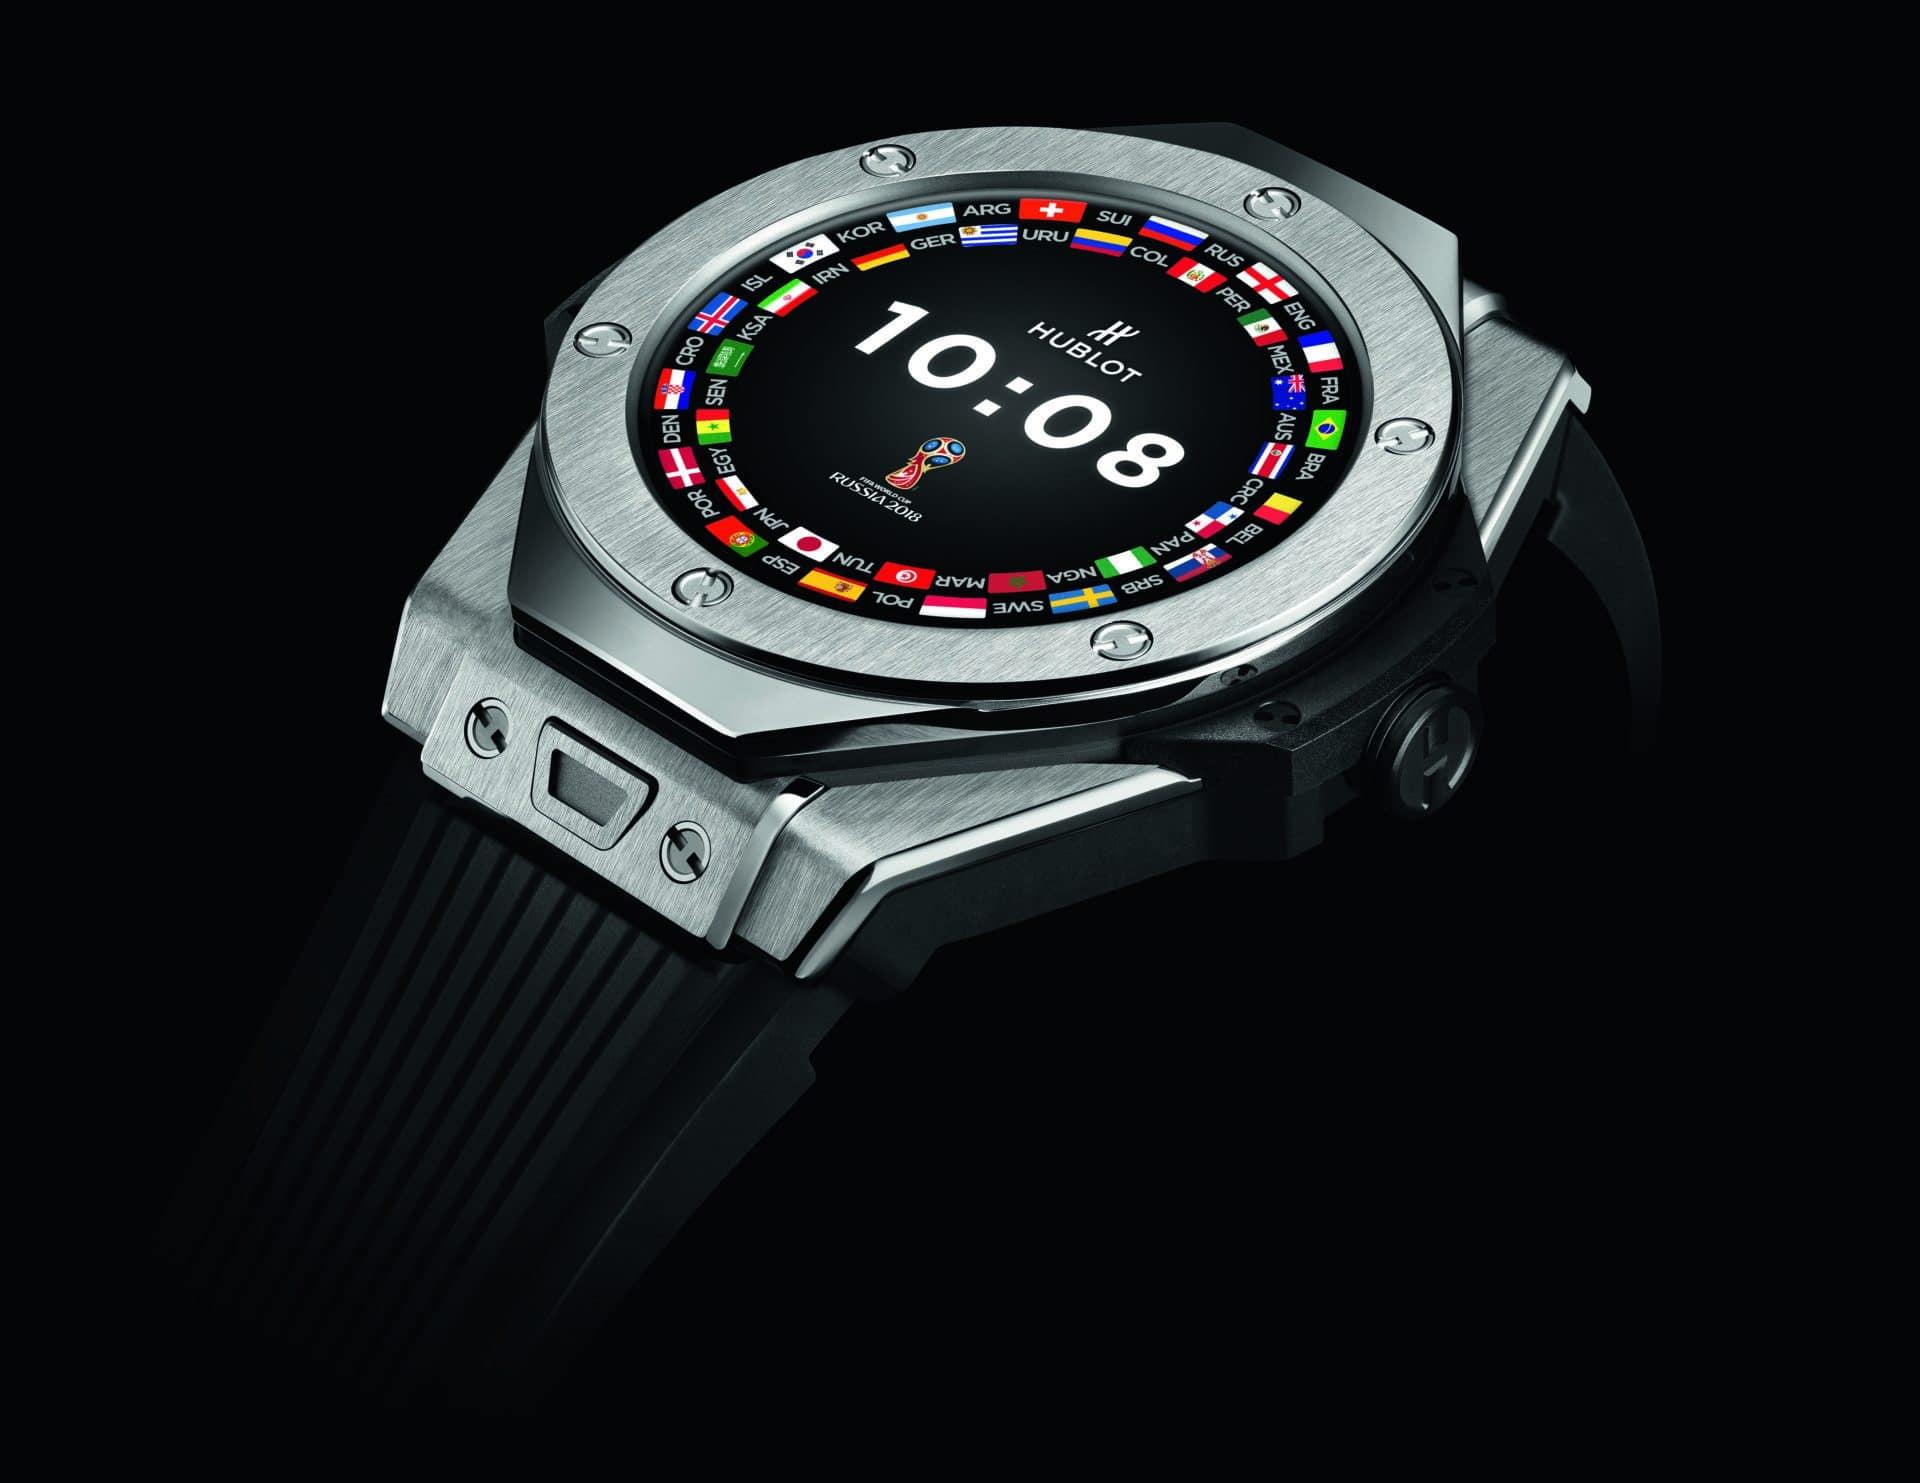 Smartwatch Luxusuhren